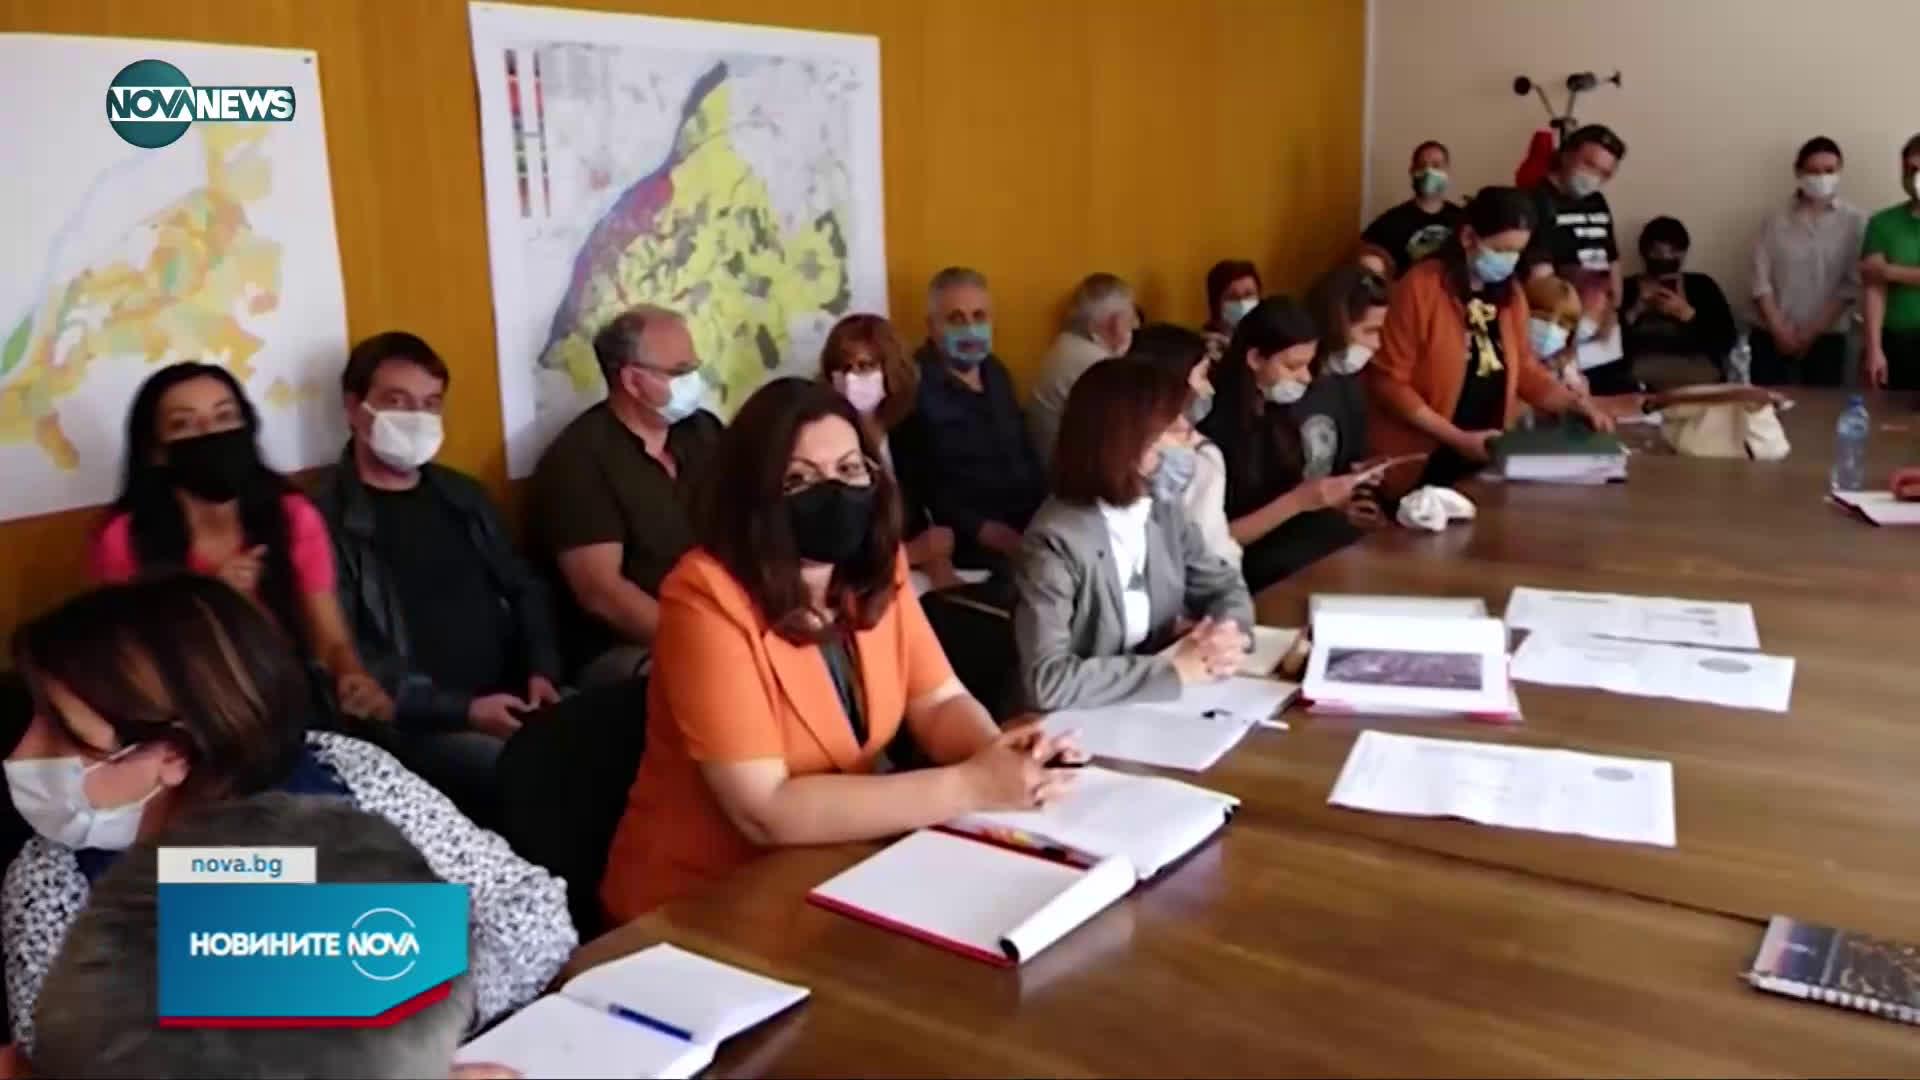 Русенци протестират заради изграждане на леярна